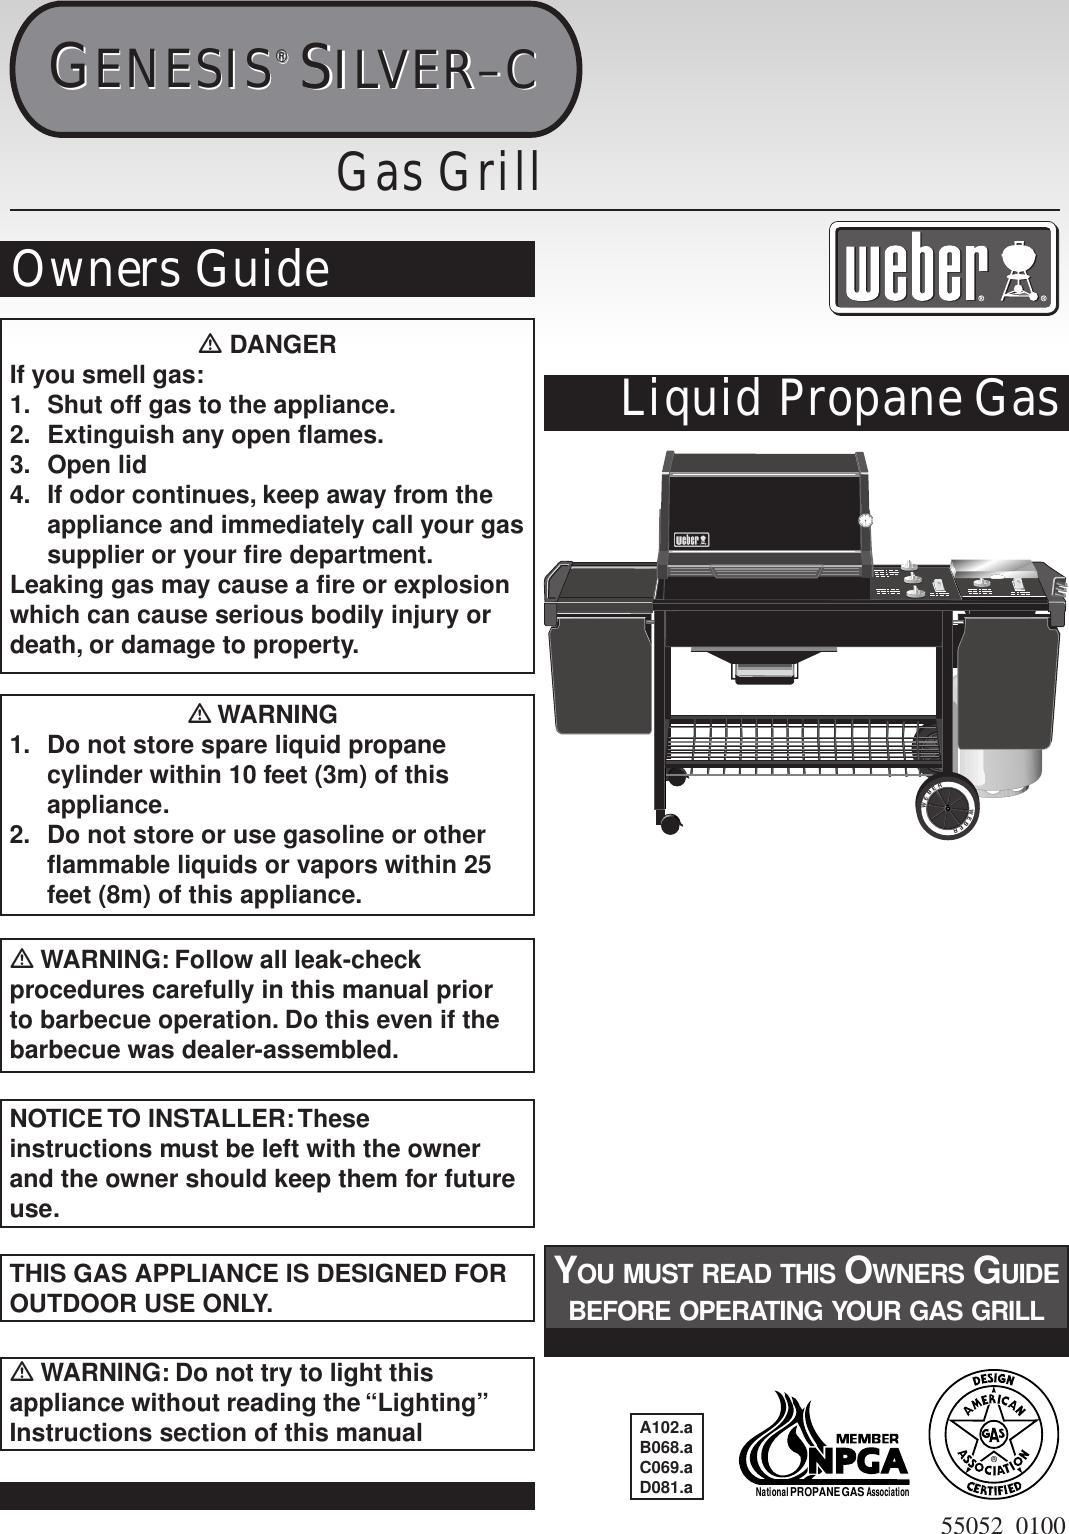 Weber 55052 0100 Users Manual Genesis Silverc Lpmica Ownersguide